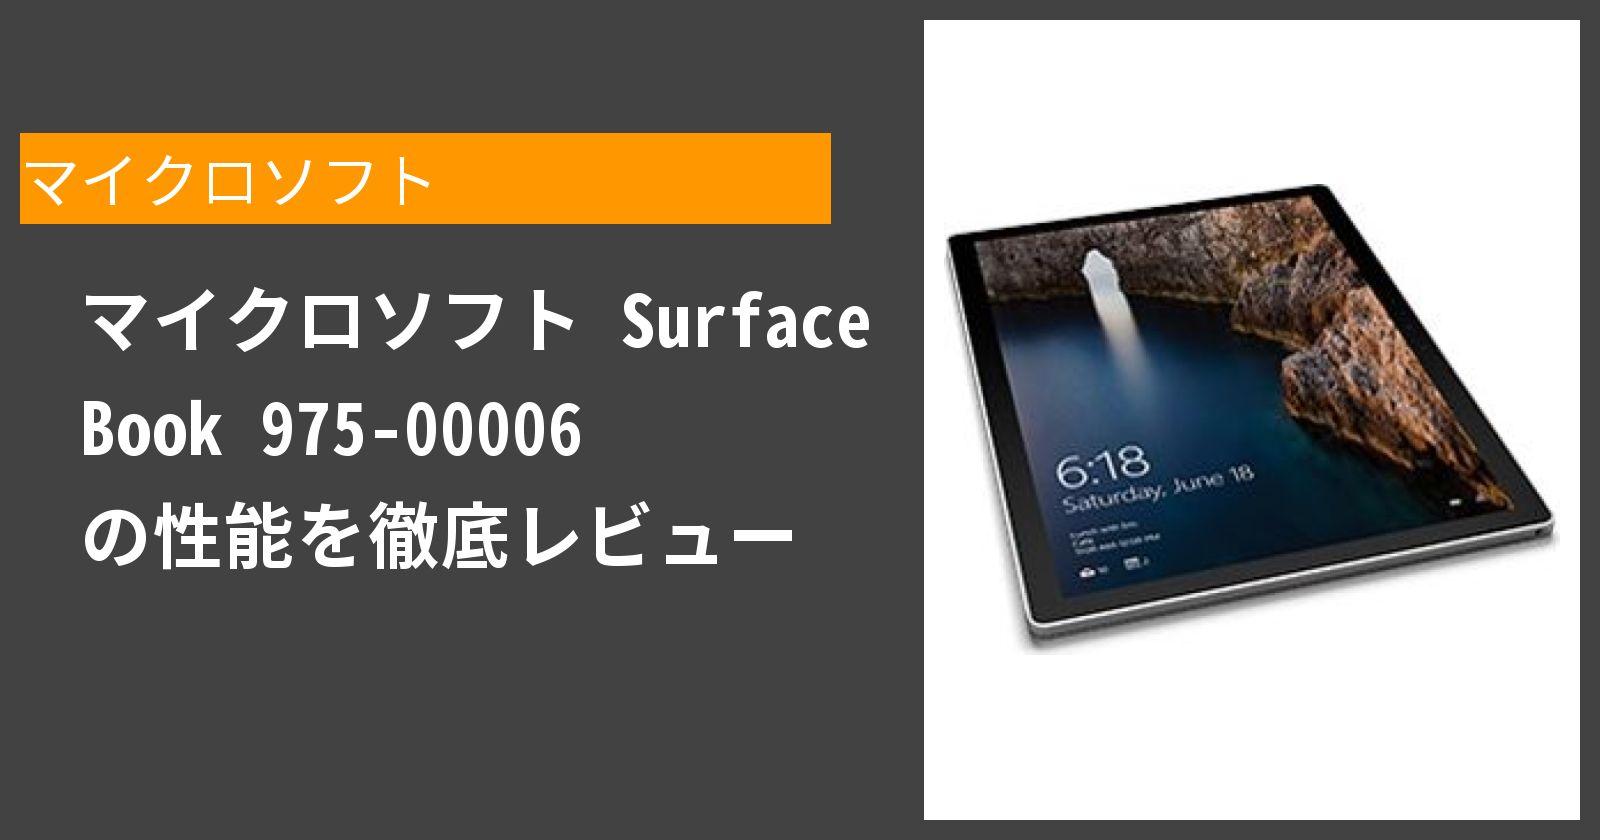 Surface Book 975-00006 の性能を徹底レビュー